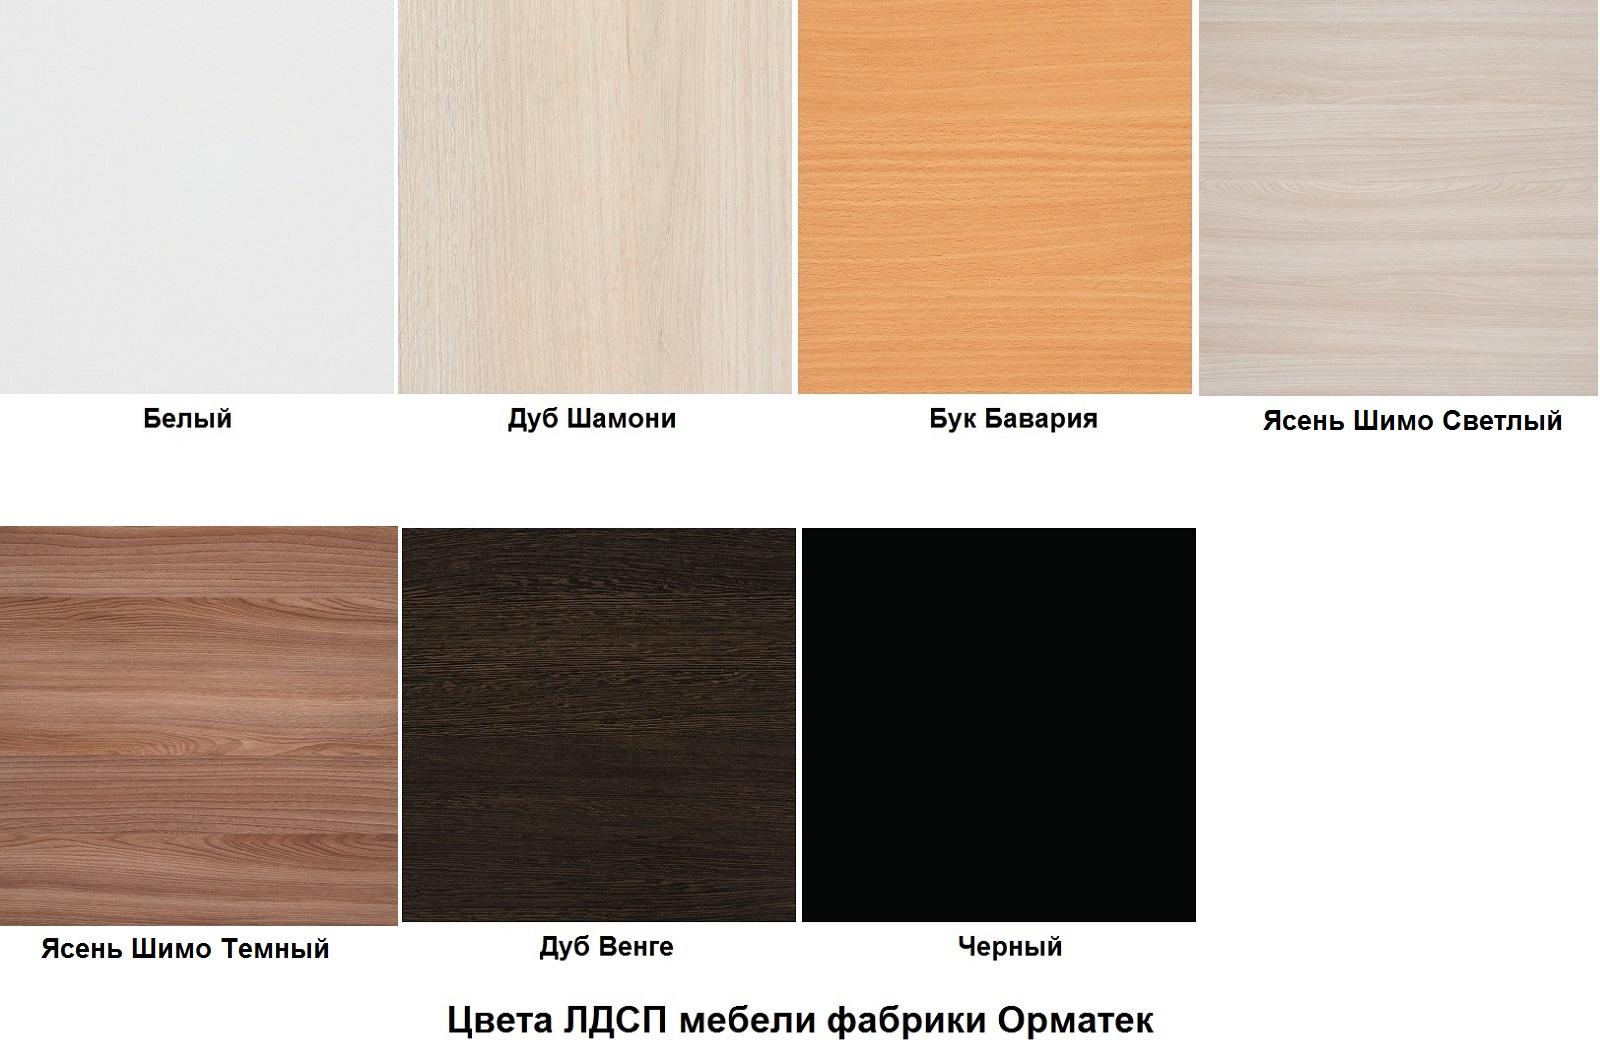 Каталог фото цветов ЛДСП. Материалы и цвета ЛДСП : ясень 19